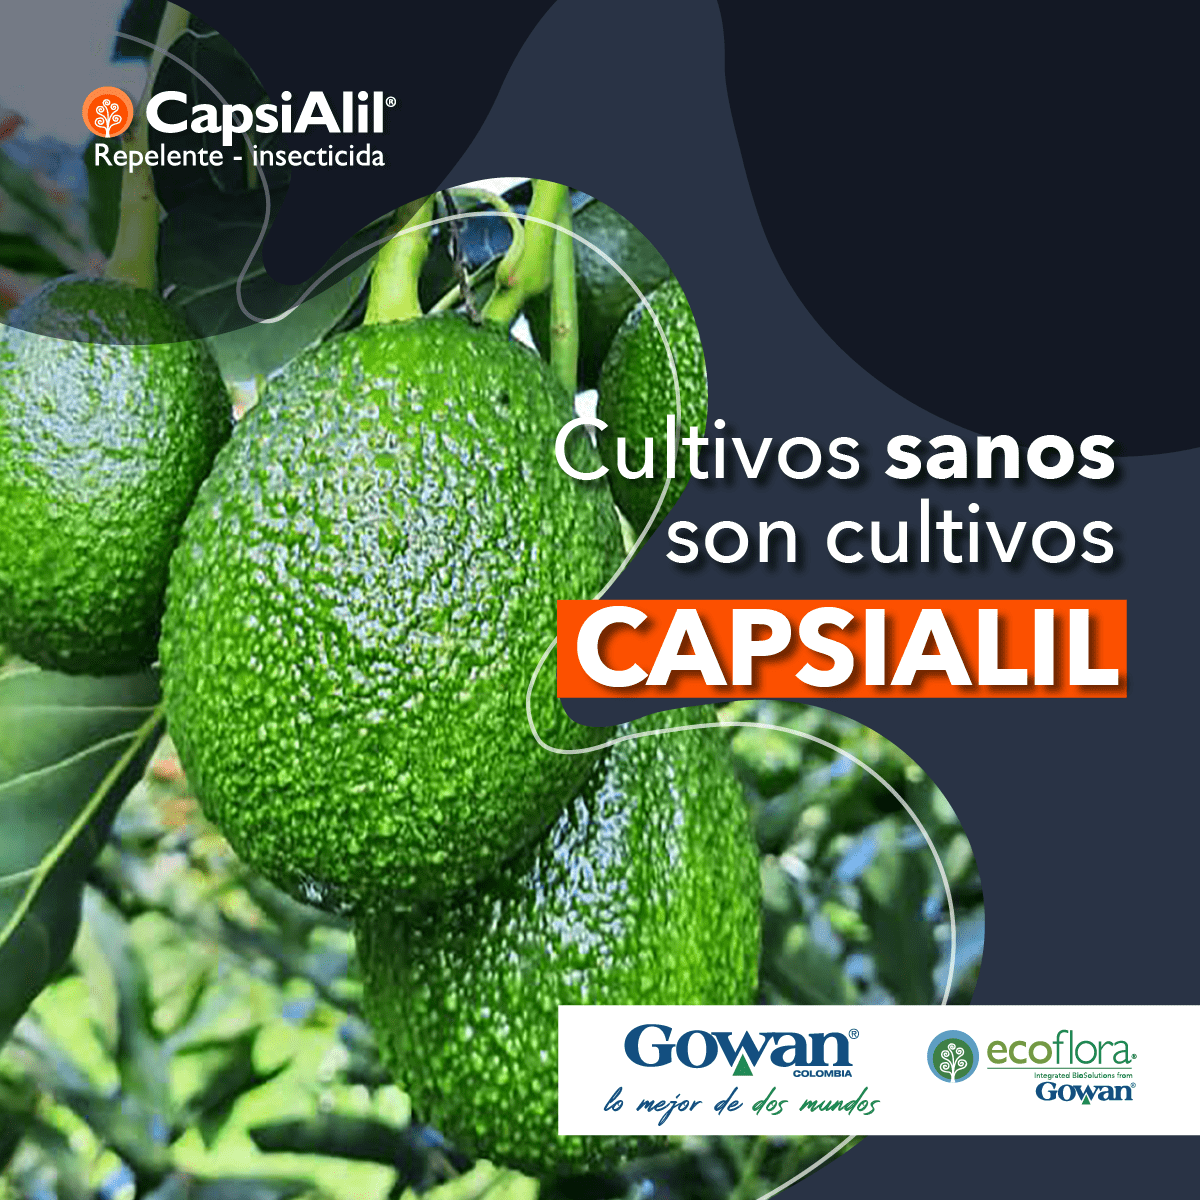 Gowan parrilla marzo cultivos sanos cultivos capsialil